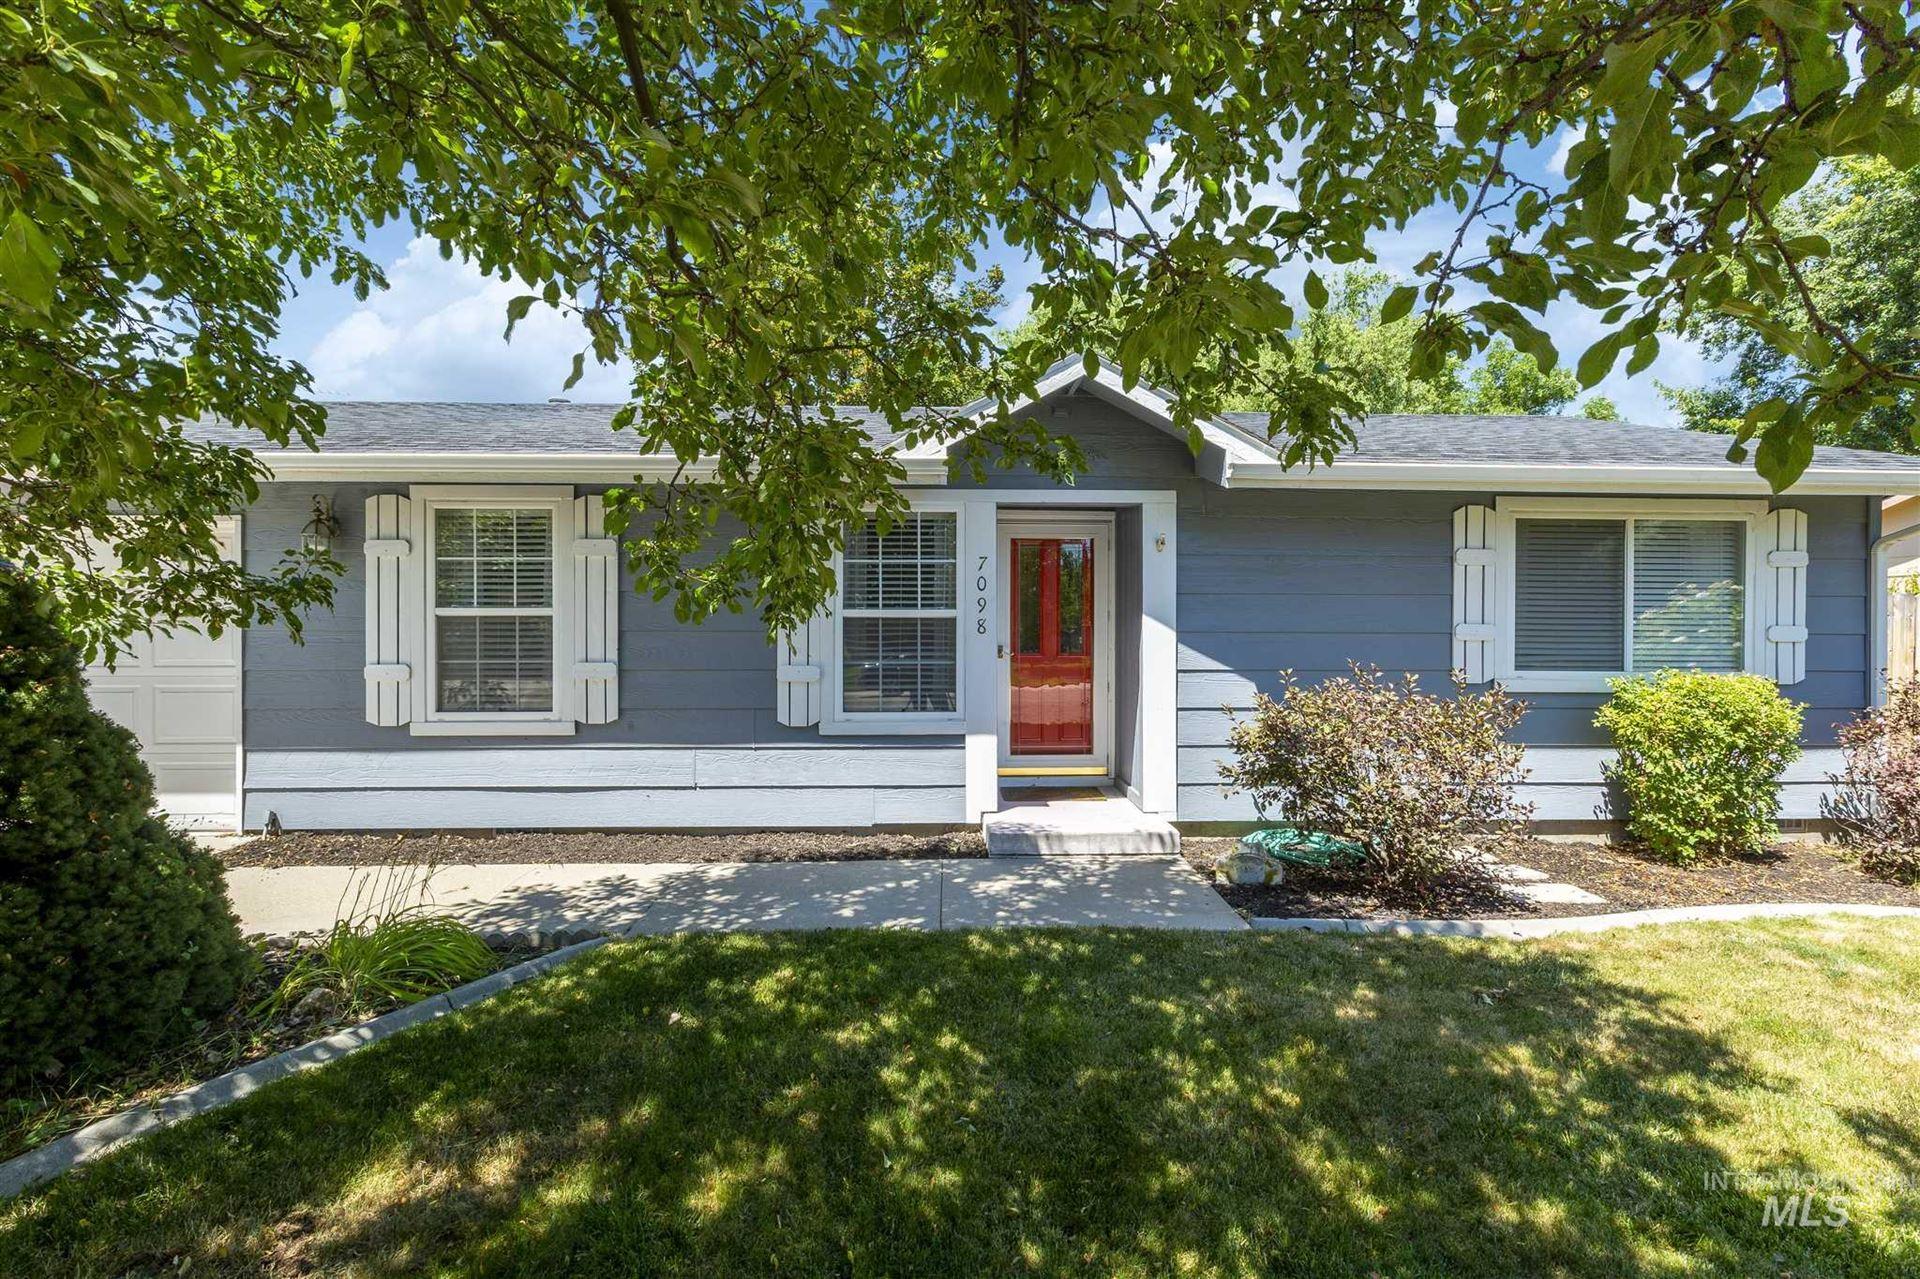 7098 W Lamplighter, Boise, ID 83714 - MLS#: 98774877